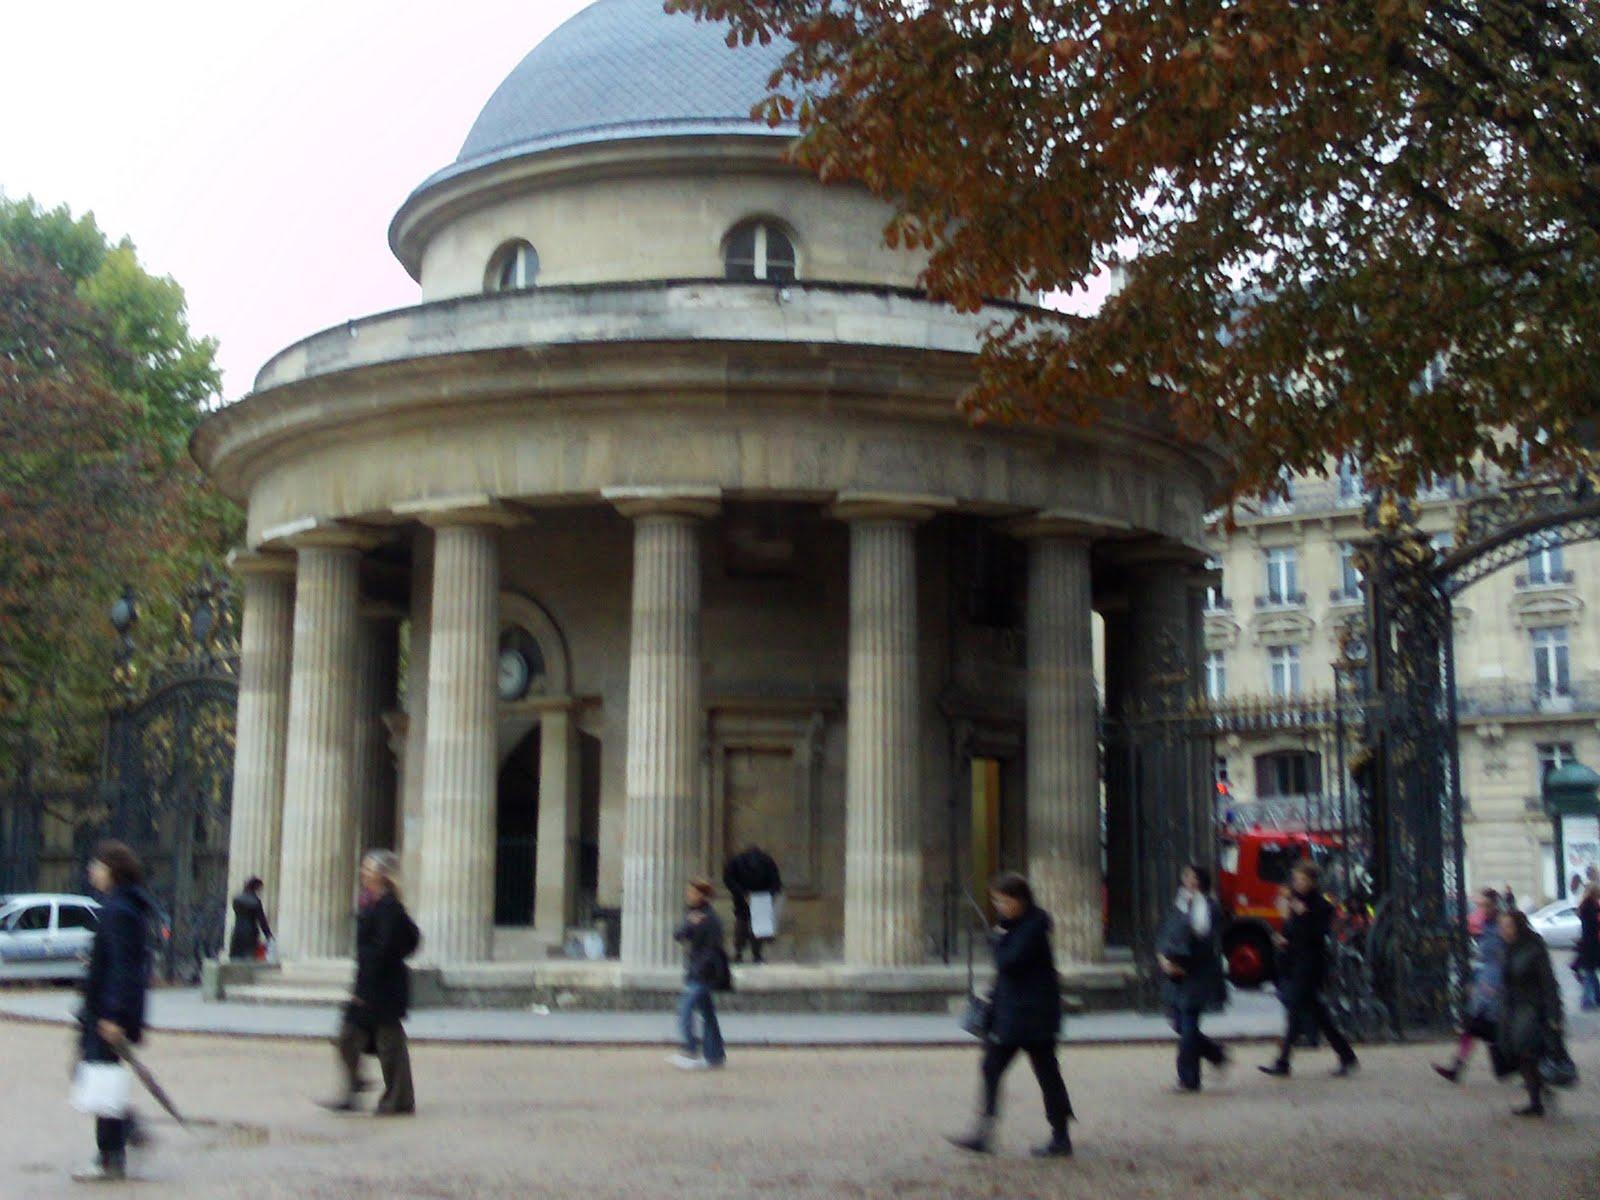 Monceau Park Entrance